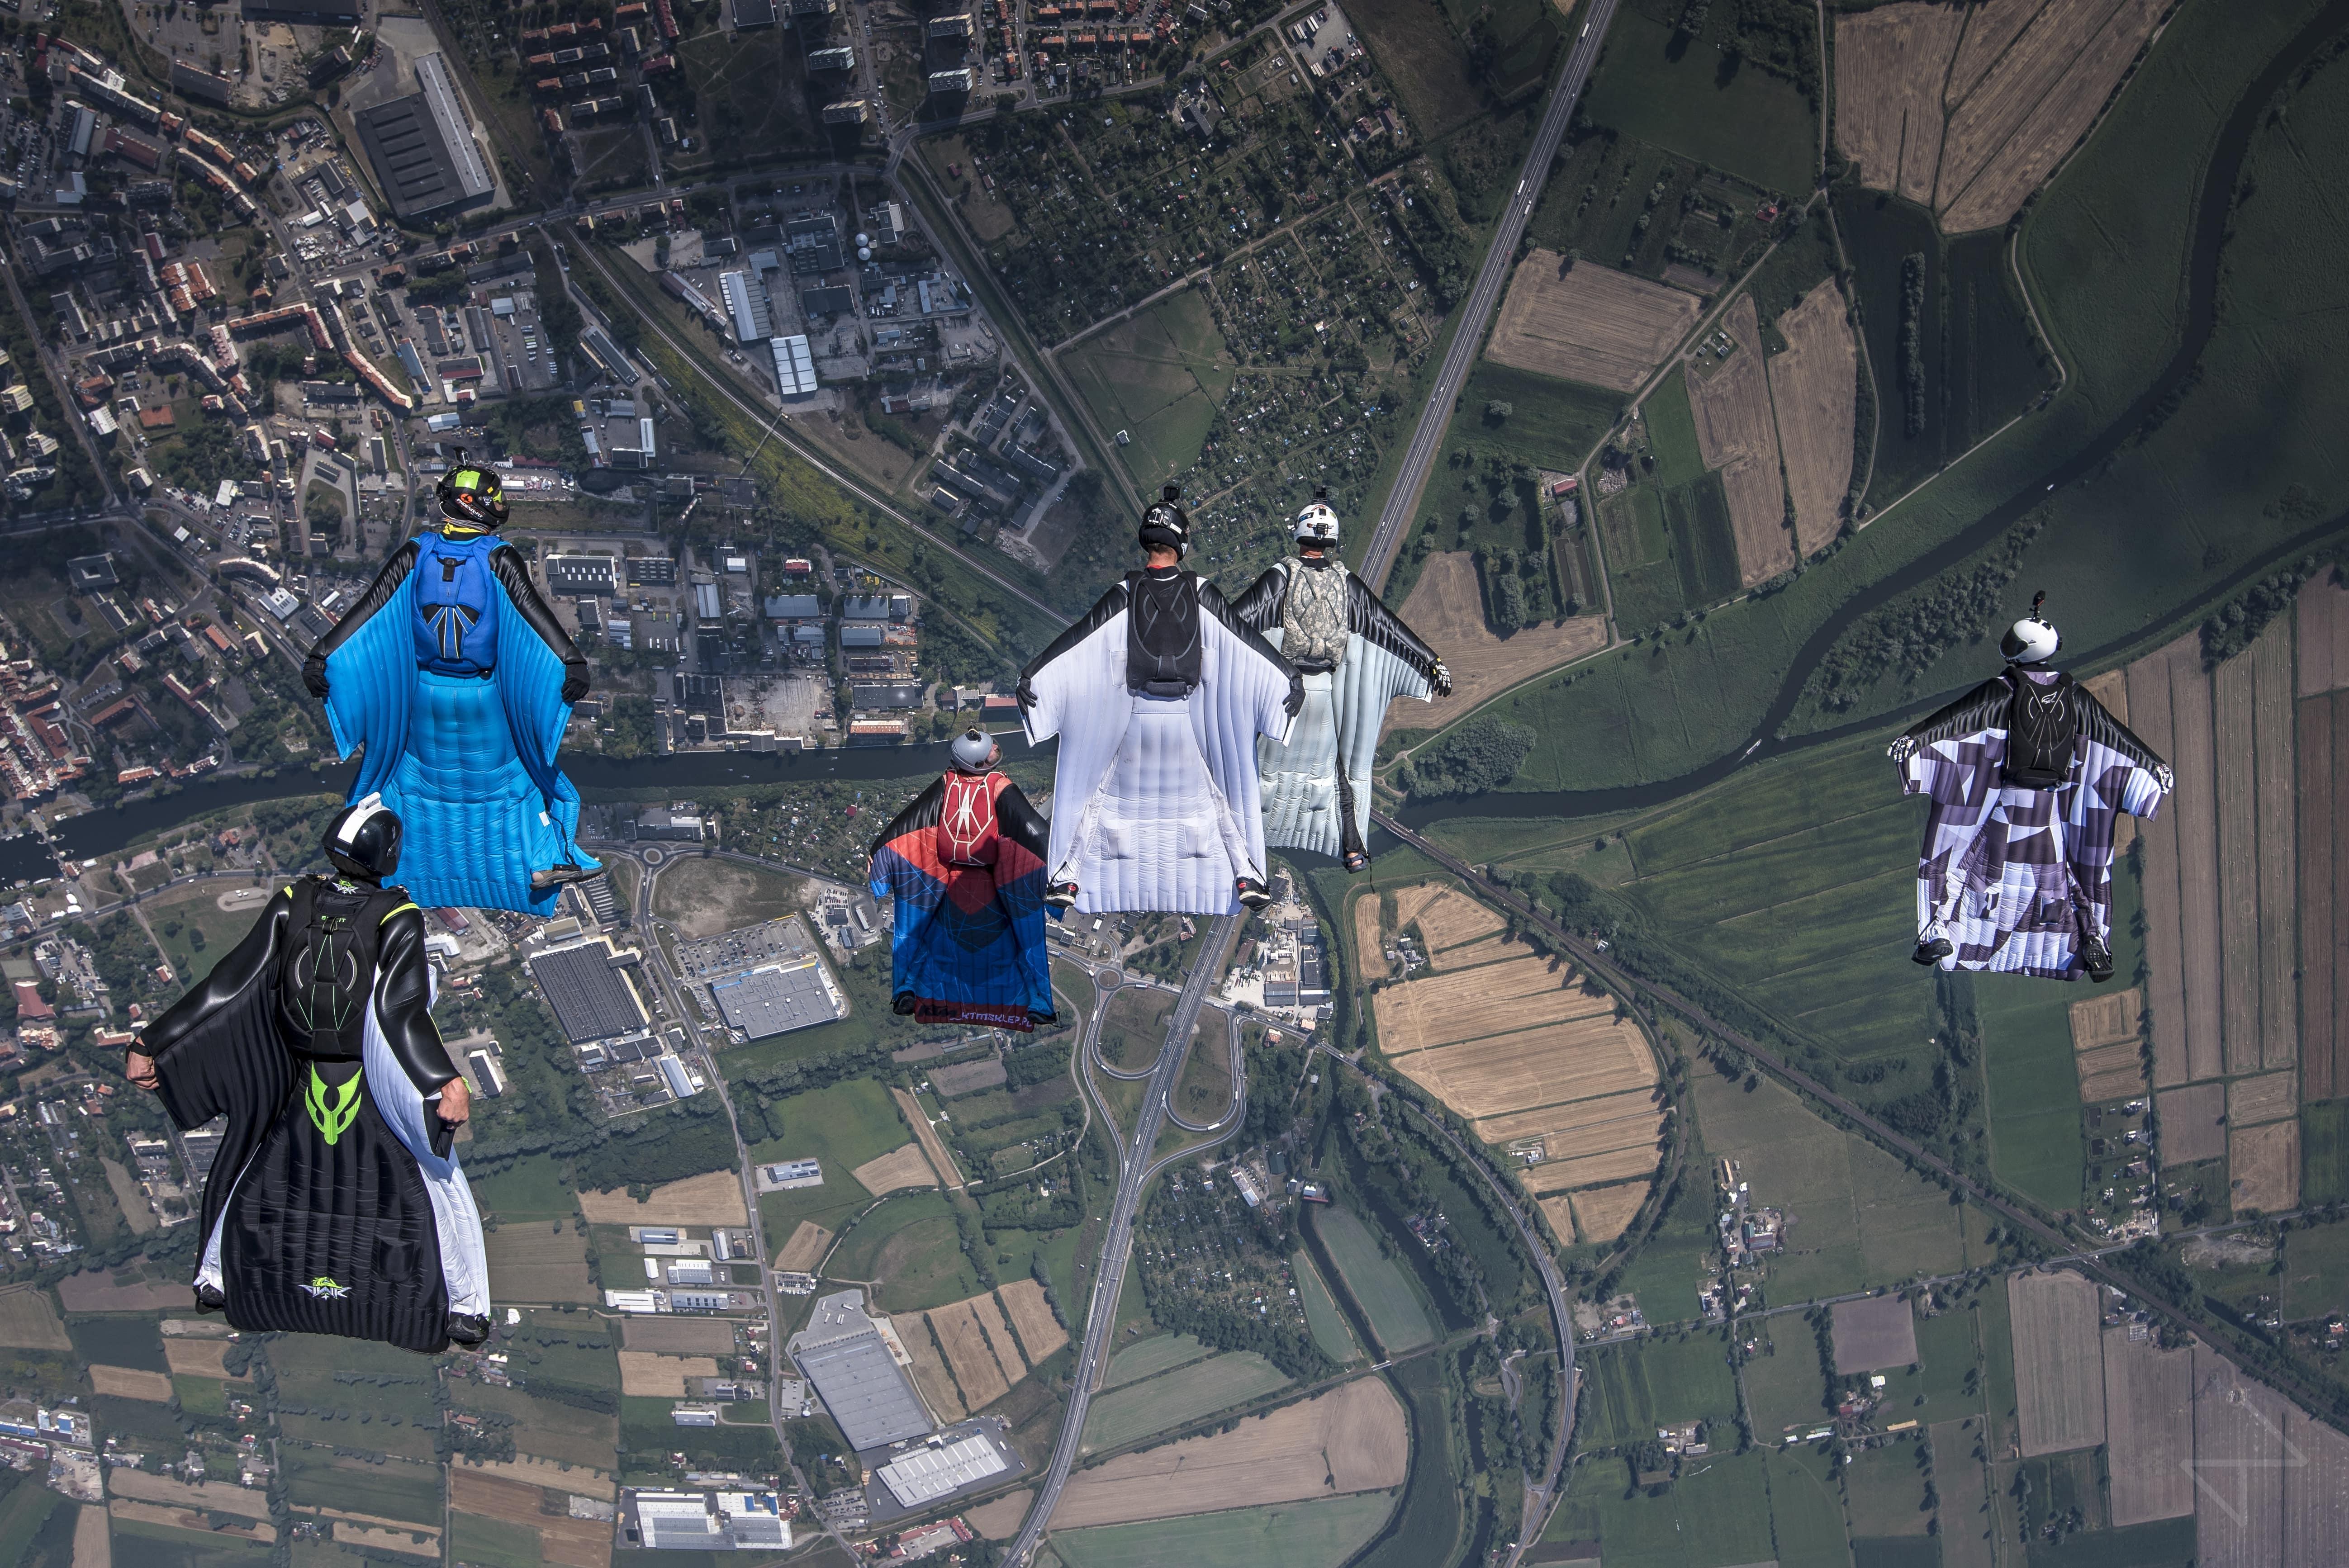 Skoczkowie w strojach wingsuit nad ziemią. // fot. mat. prasowe